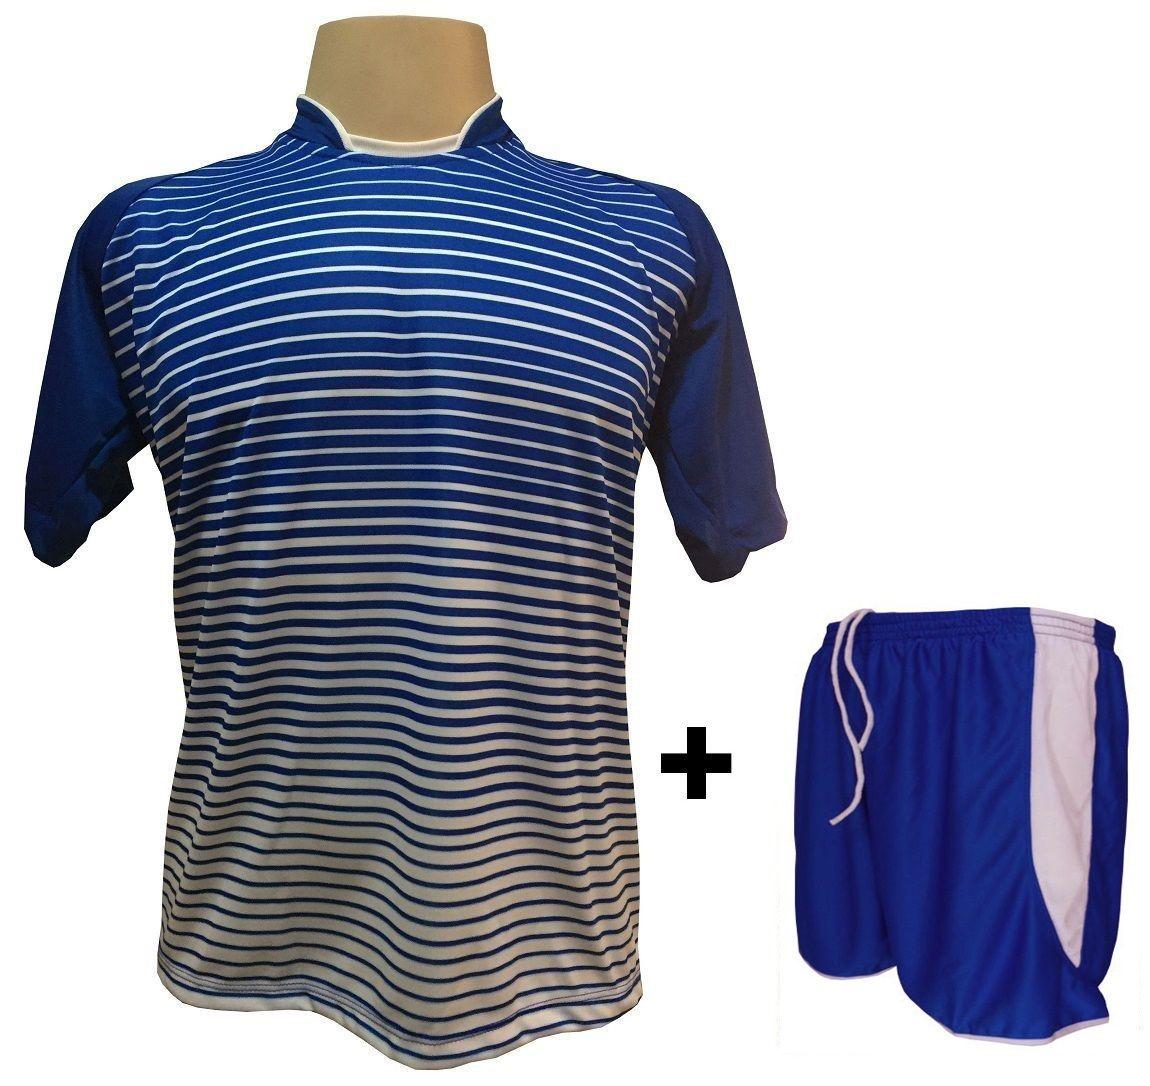 Uniforme Esportivo com 18 camisas modelo City Royal/Branco + 18 calções modelo Copa Royal/Branco + Brindes